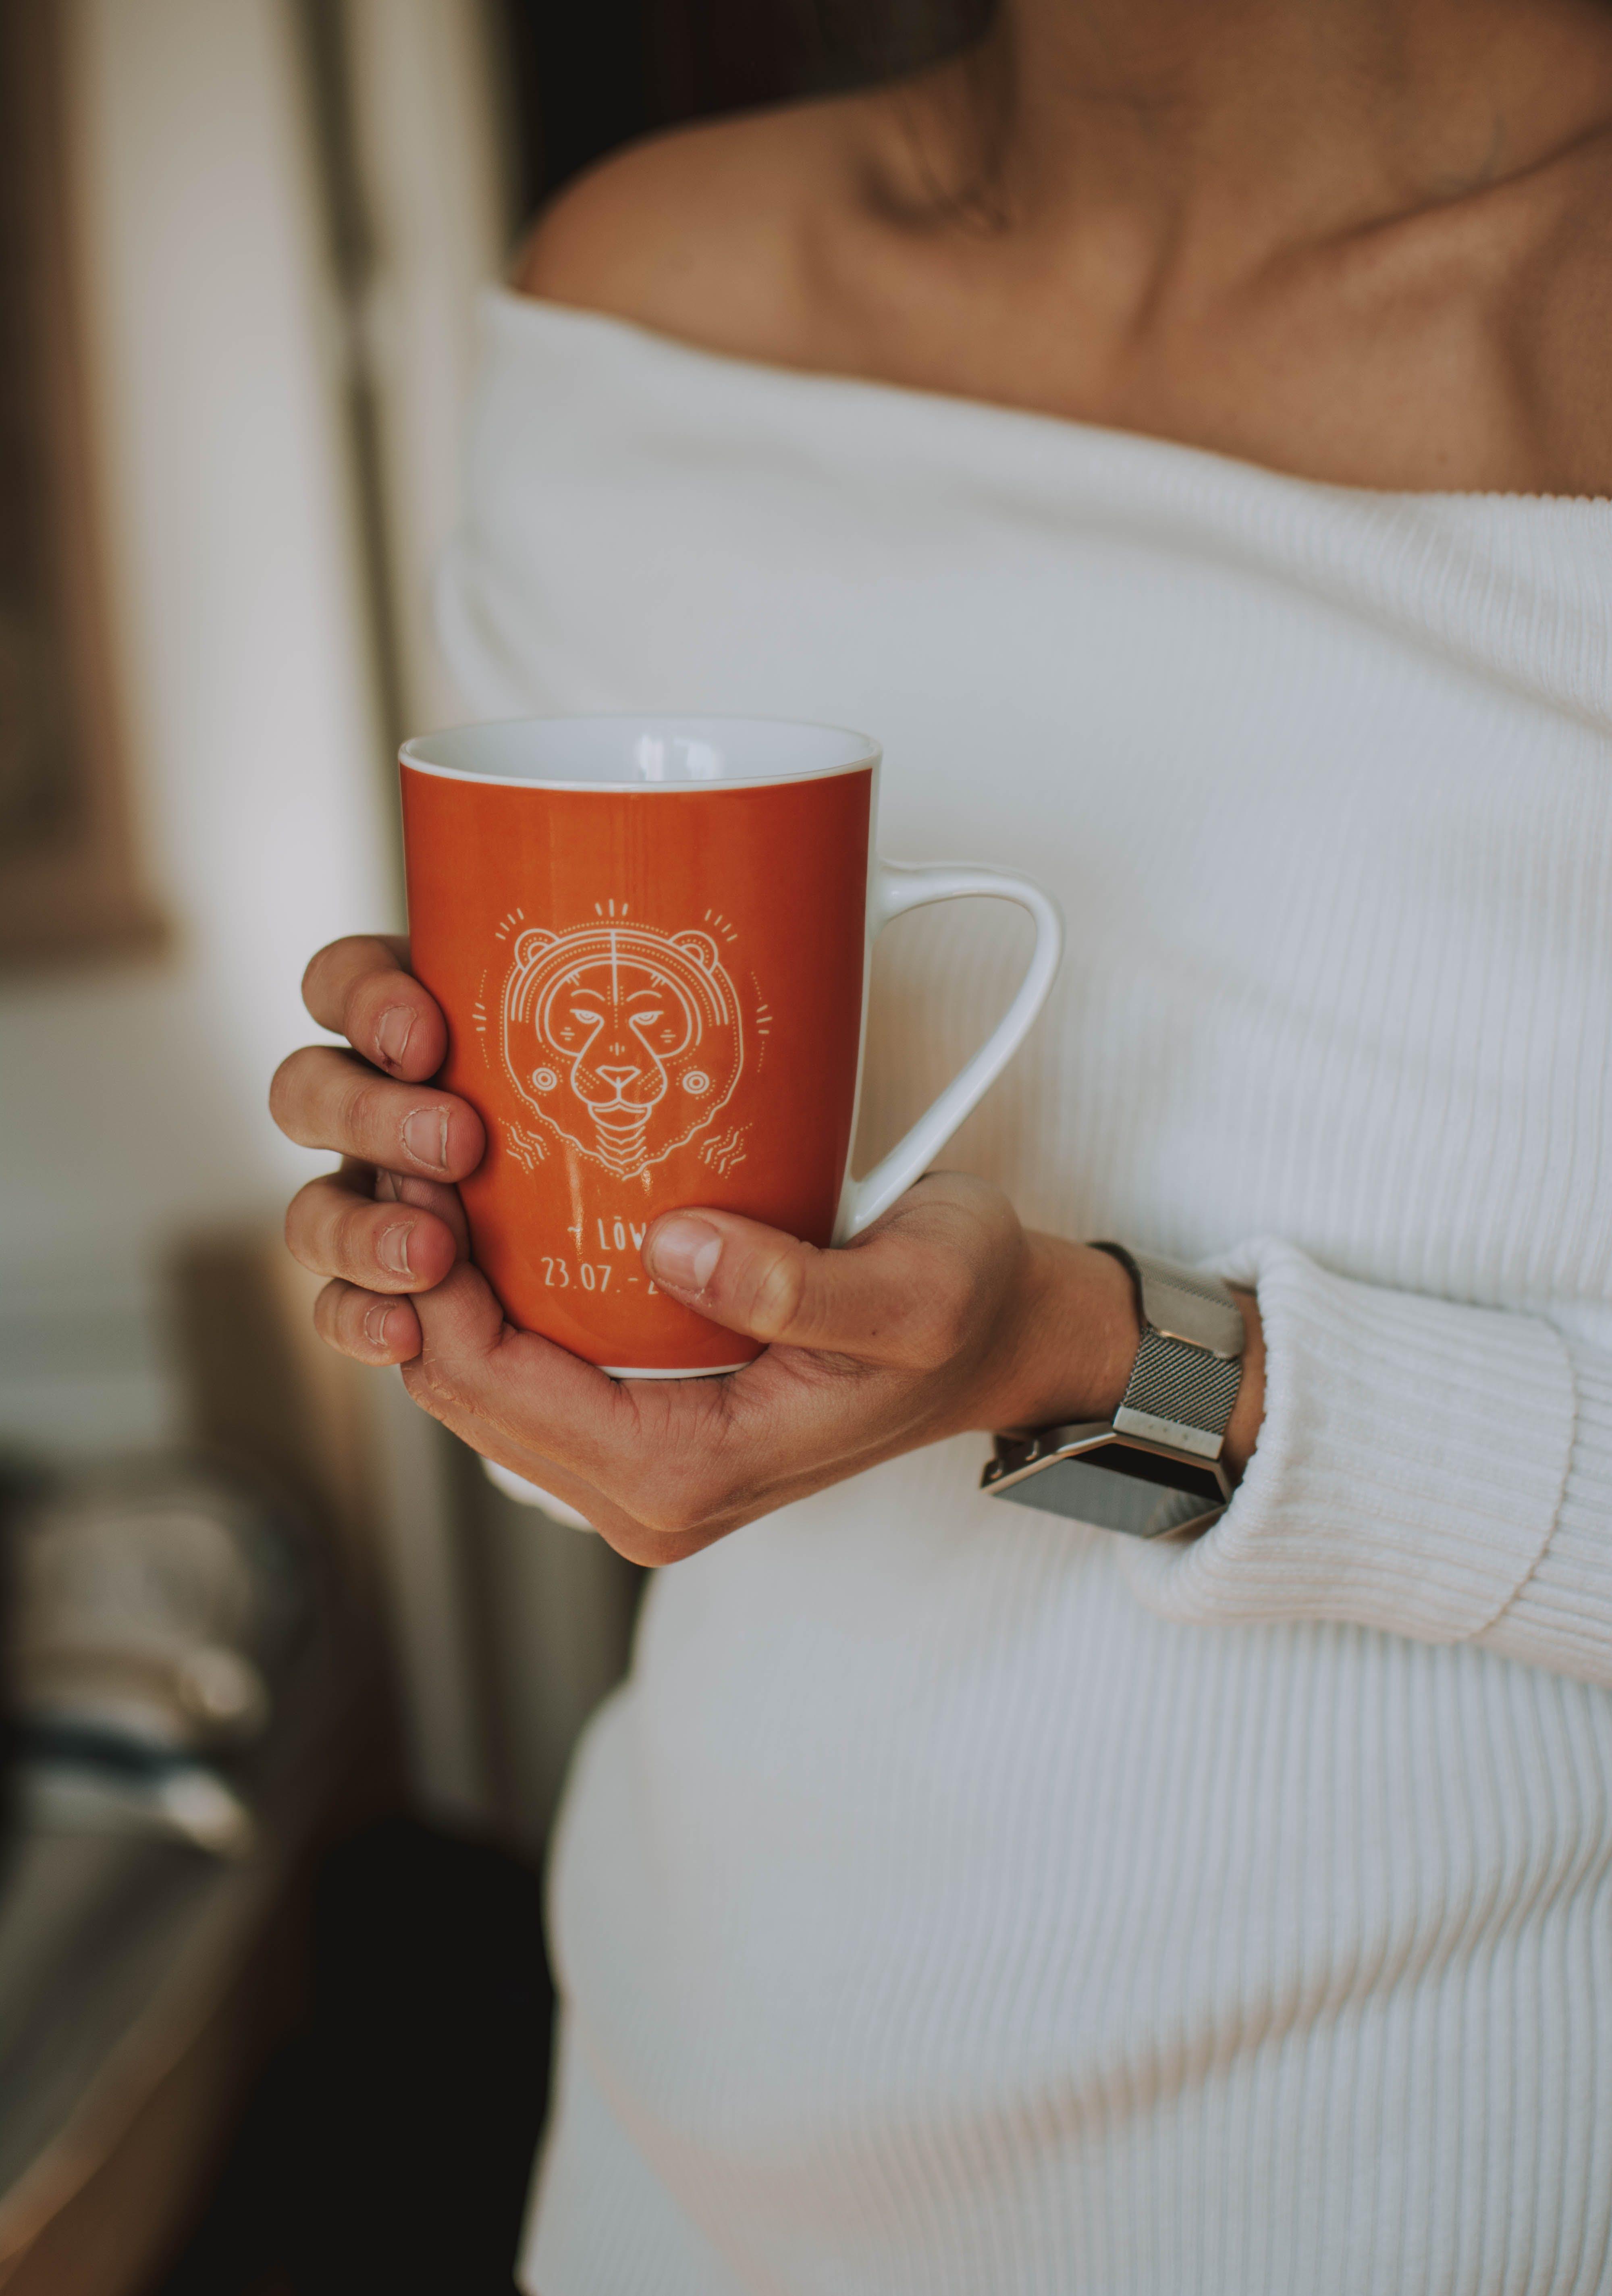 Woman Holding White and Orange Ceramic Mug